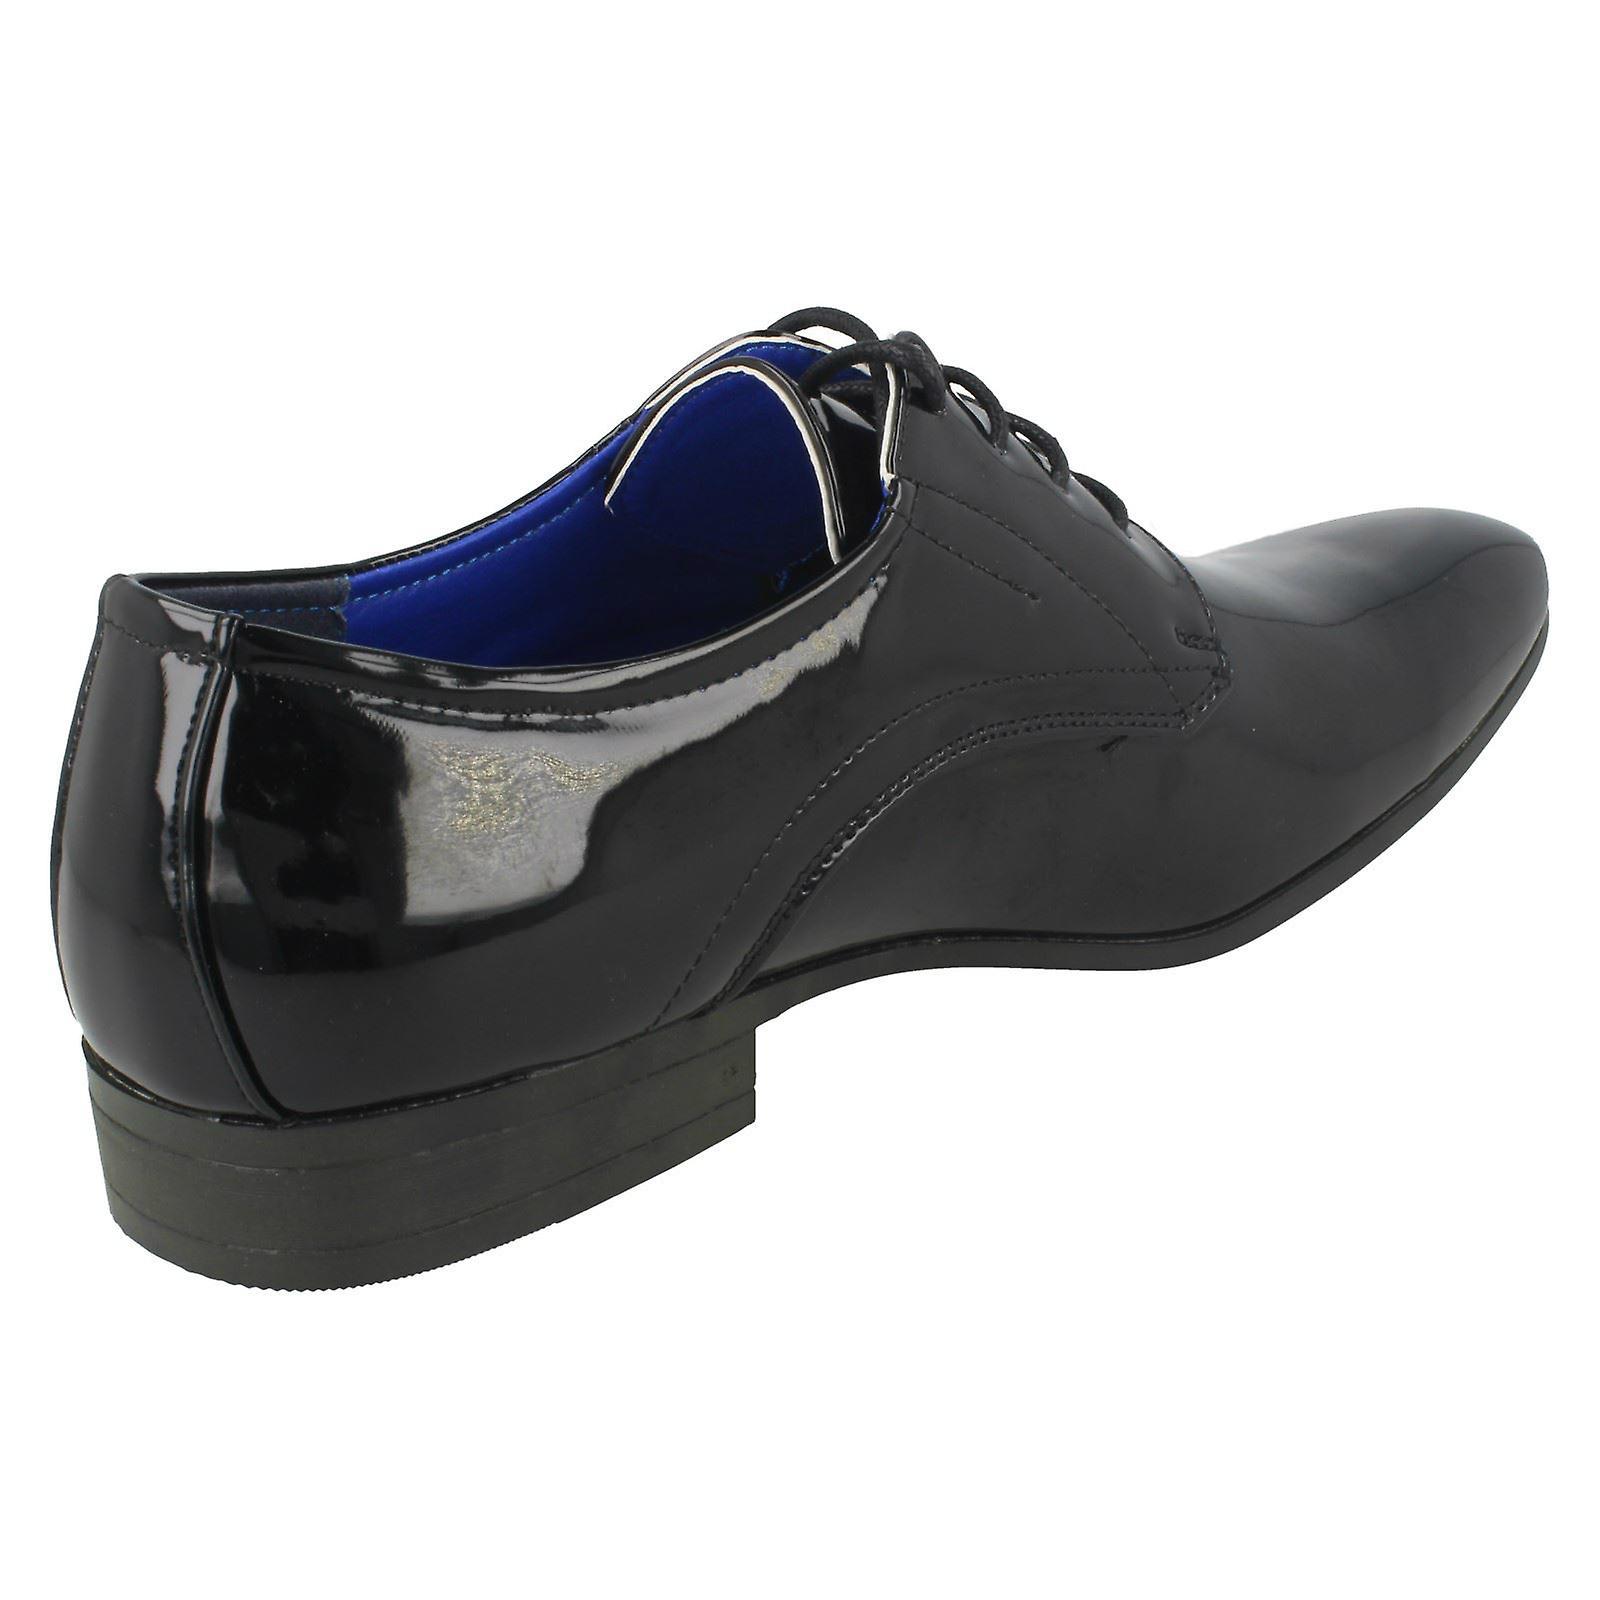 Herre Malvern lejlighed slid Smart sko A2136